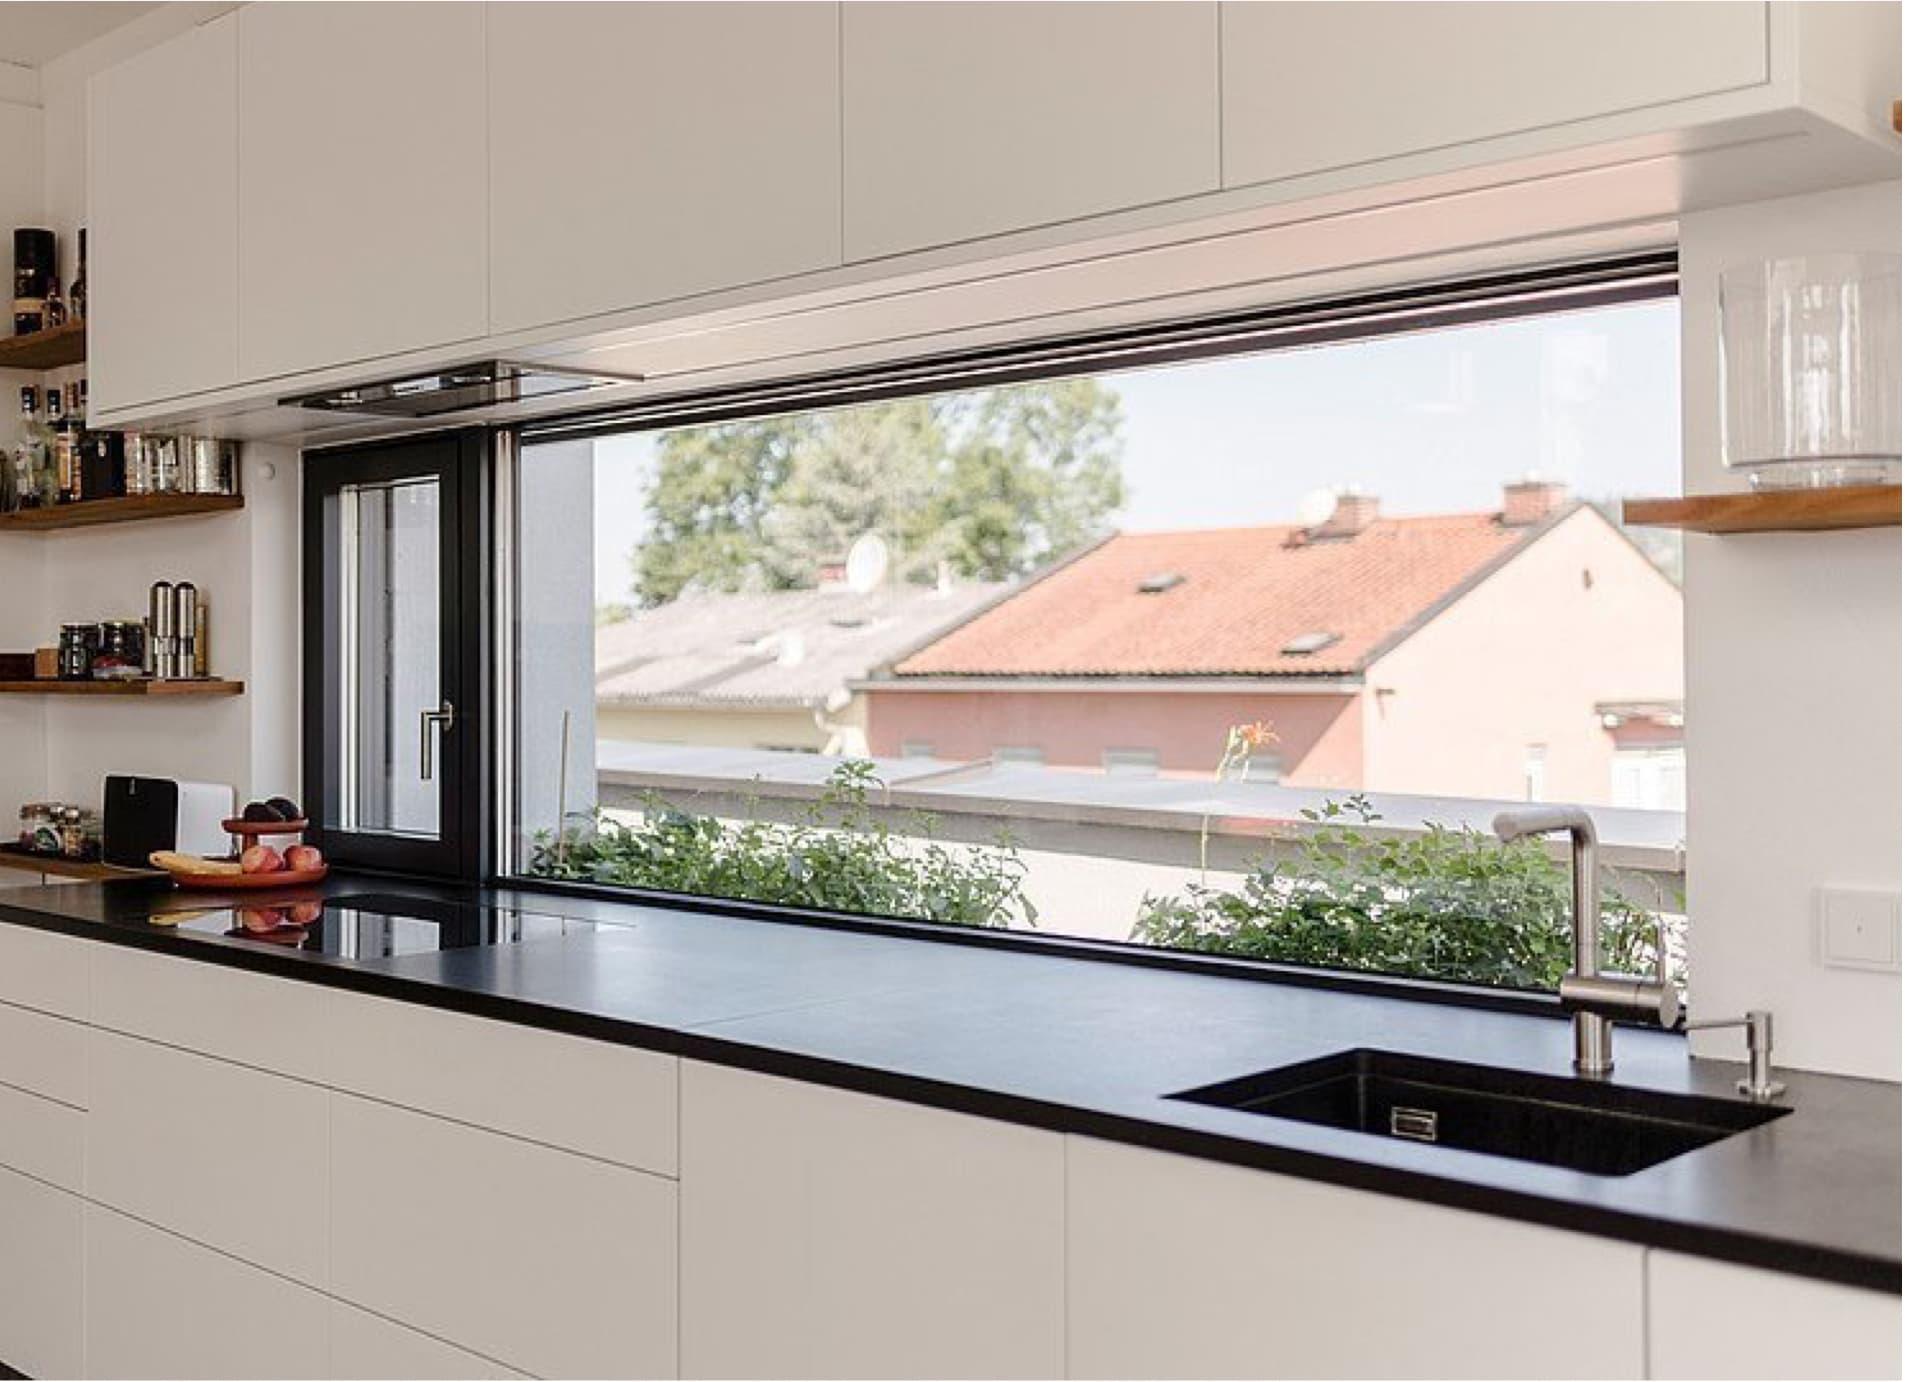 Fenster kaufen Actual - Eilmannsberger Rohrbach